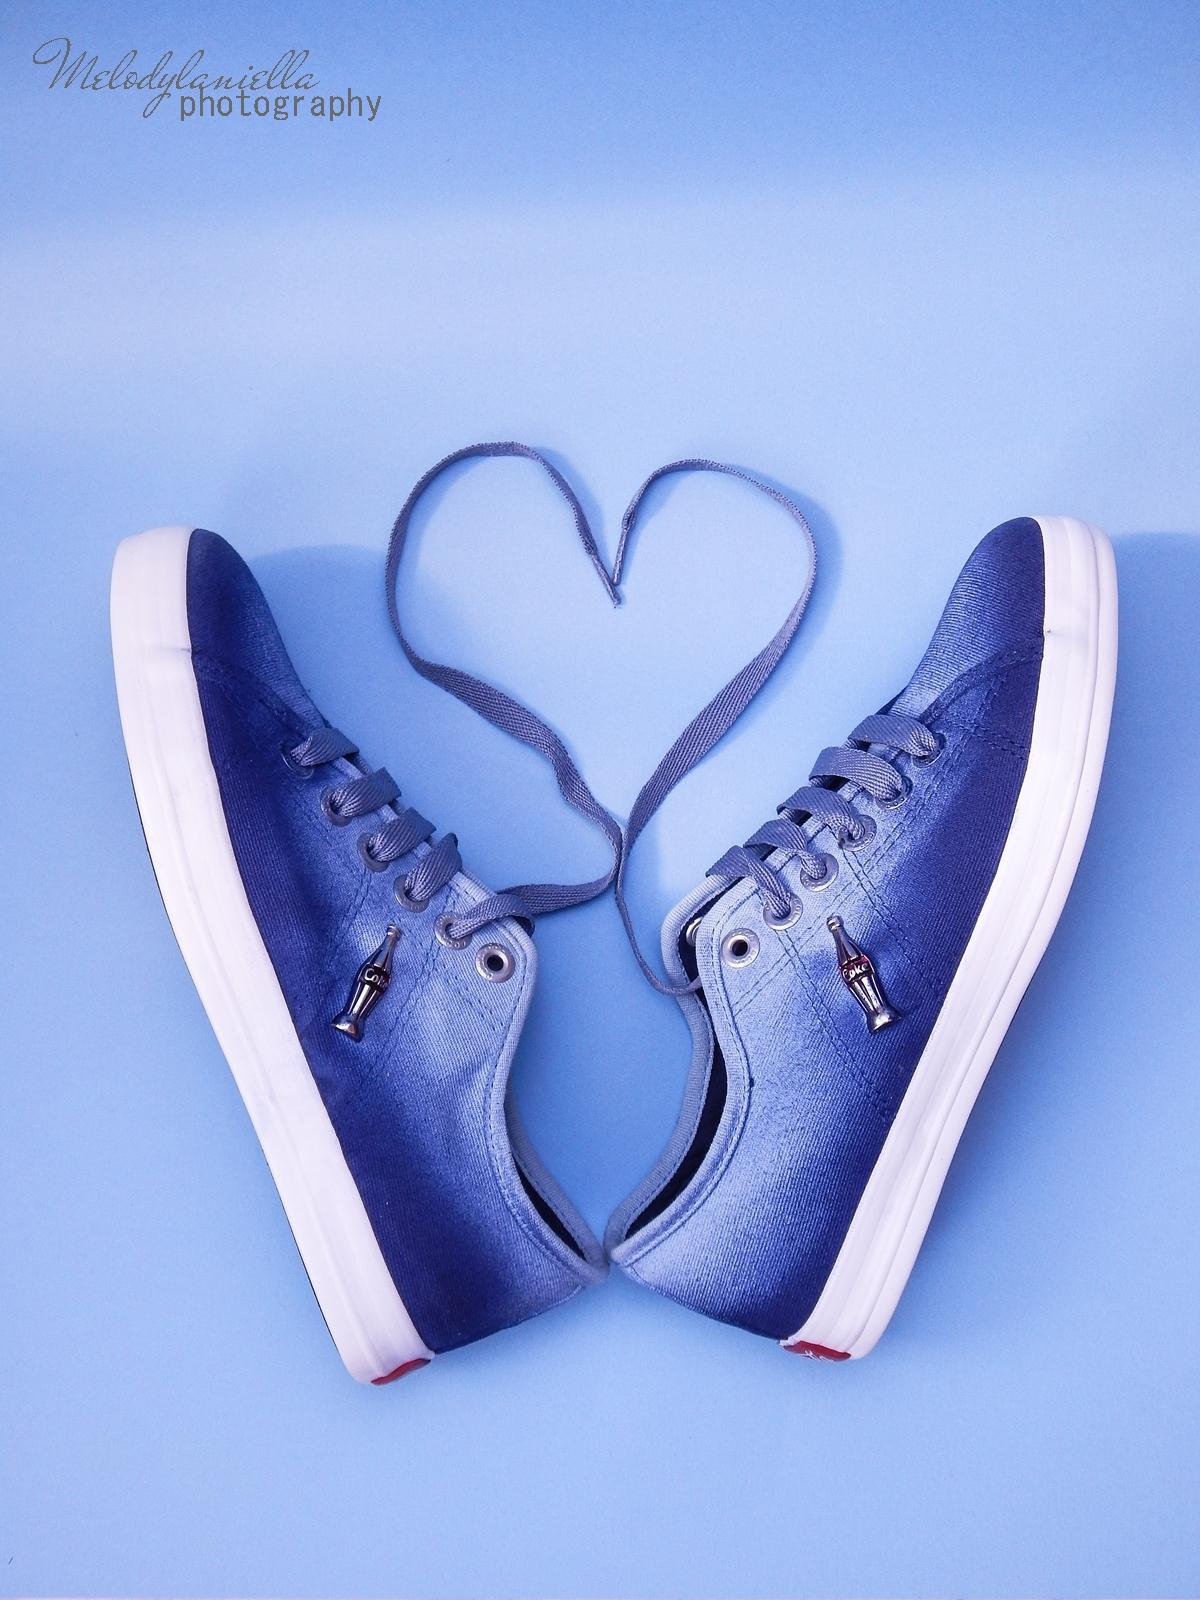 9 buty łuków baleriny tenisówki mokasyny sandały z ponopnami trzy modele butów modnych na lato melodylaniella recenzje buty coca-cola szare półbuty z kokardą buty na wesele buty do sukienki moda